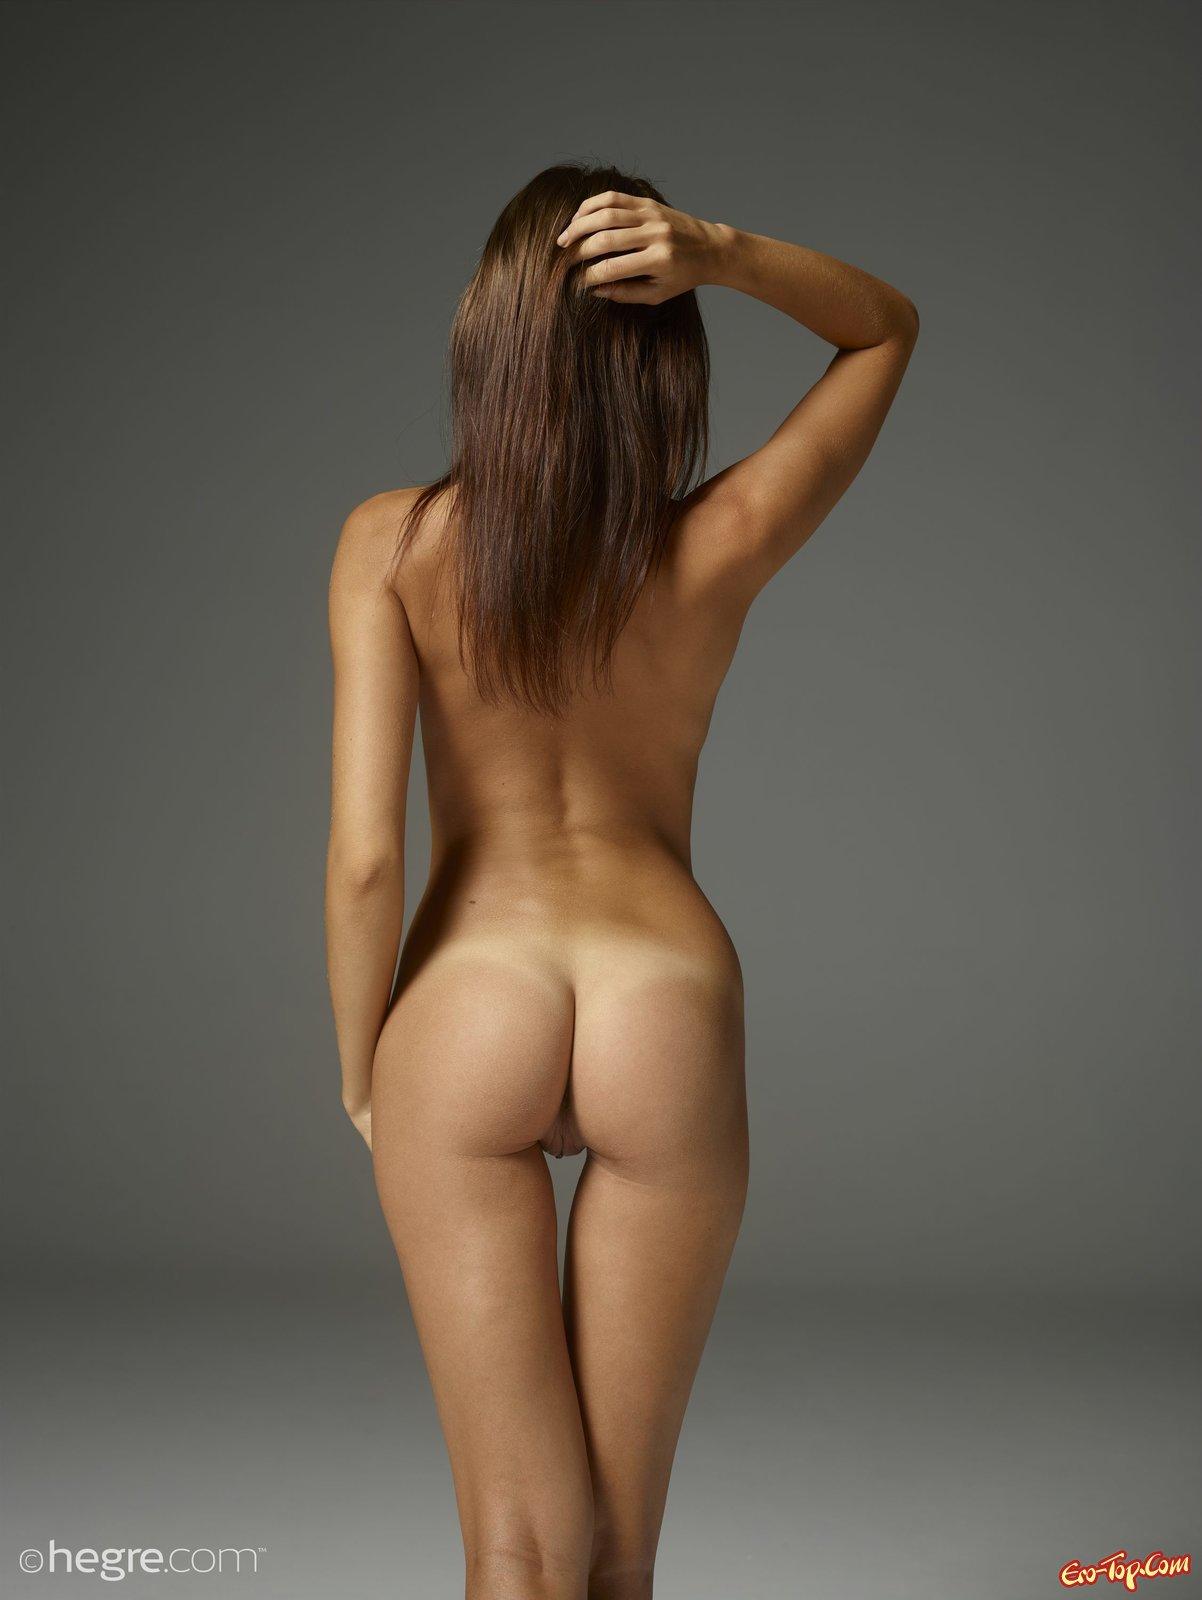 Naked gap shots